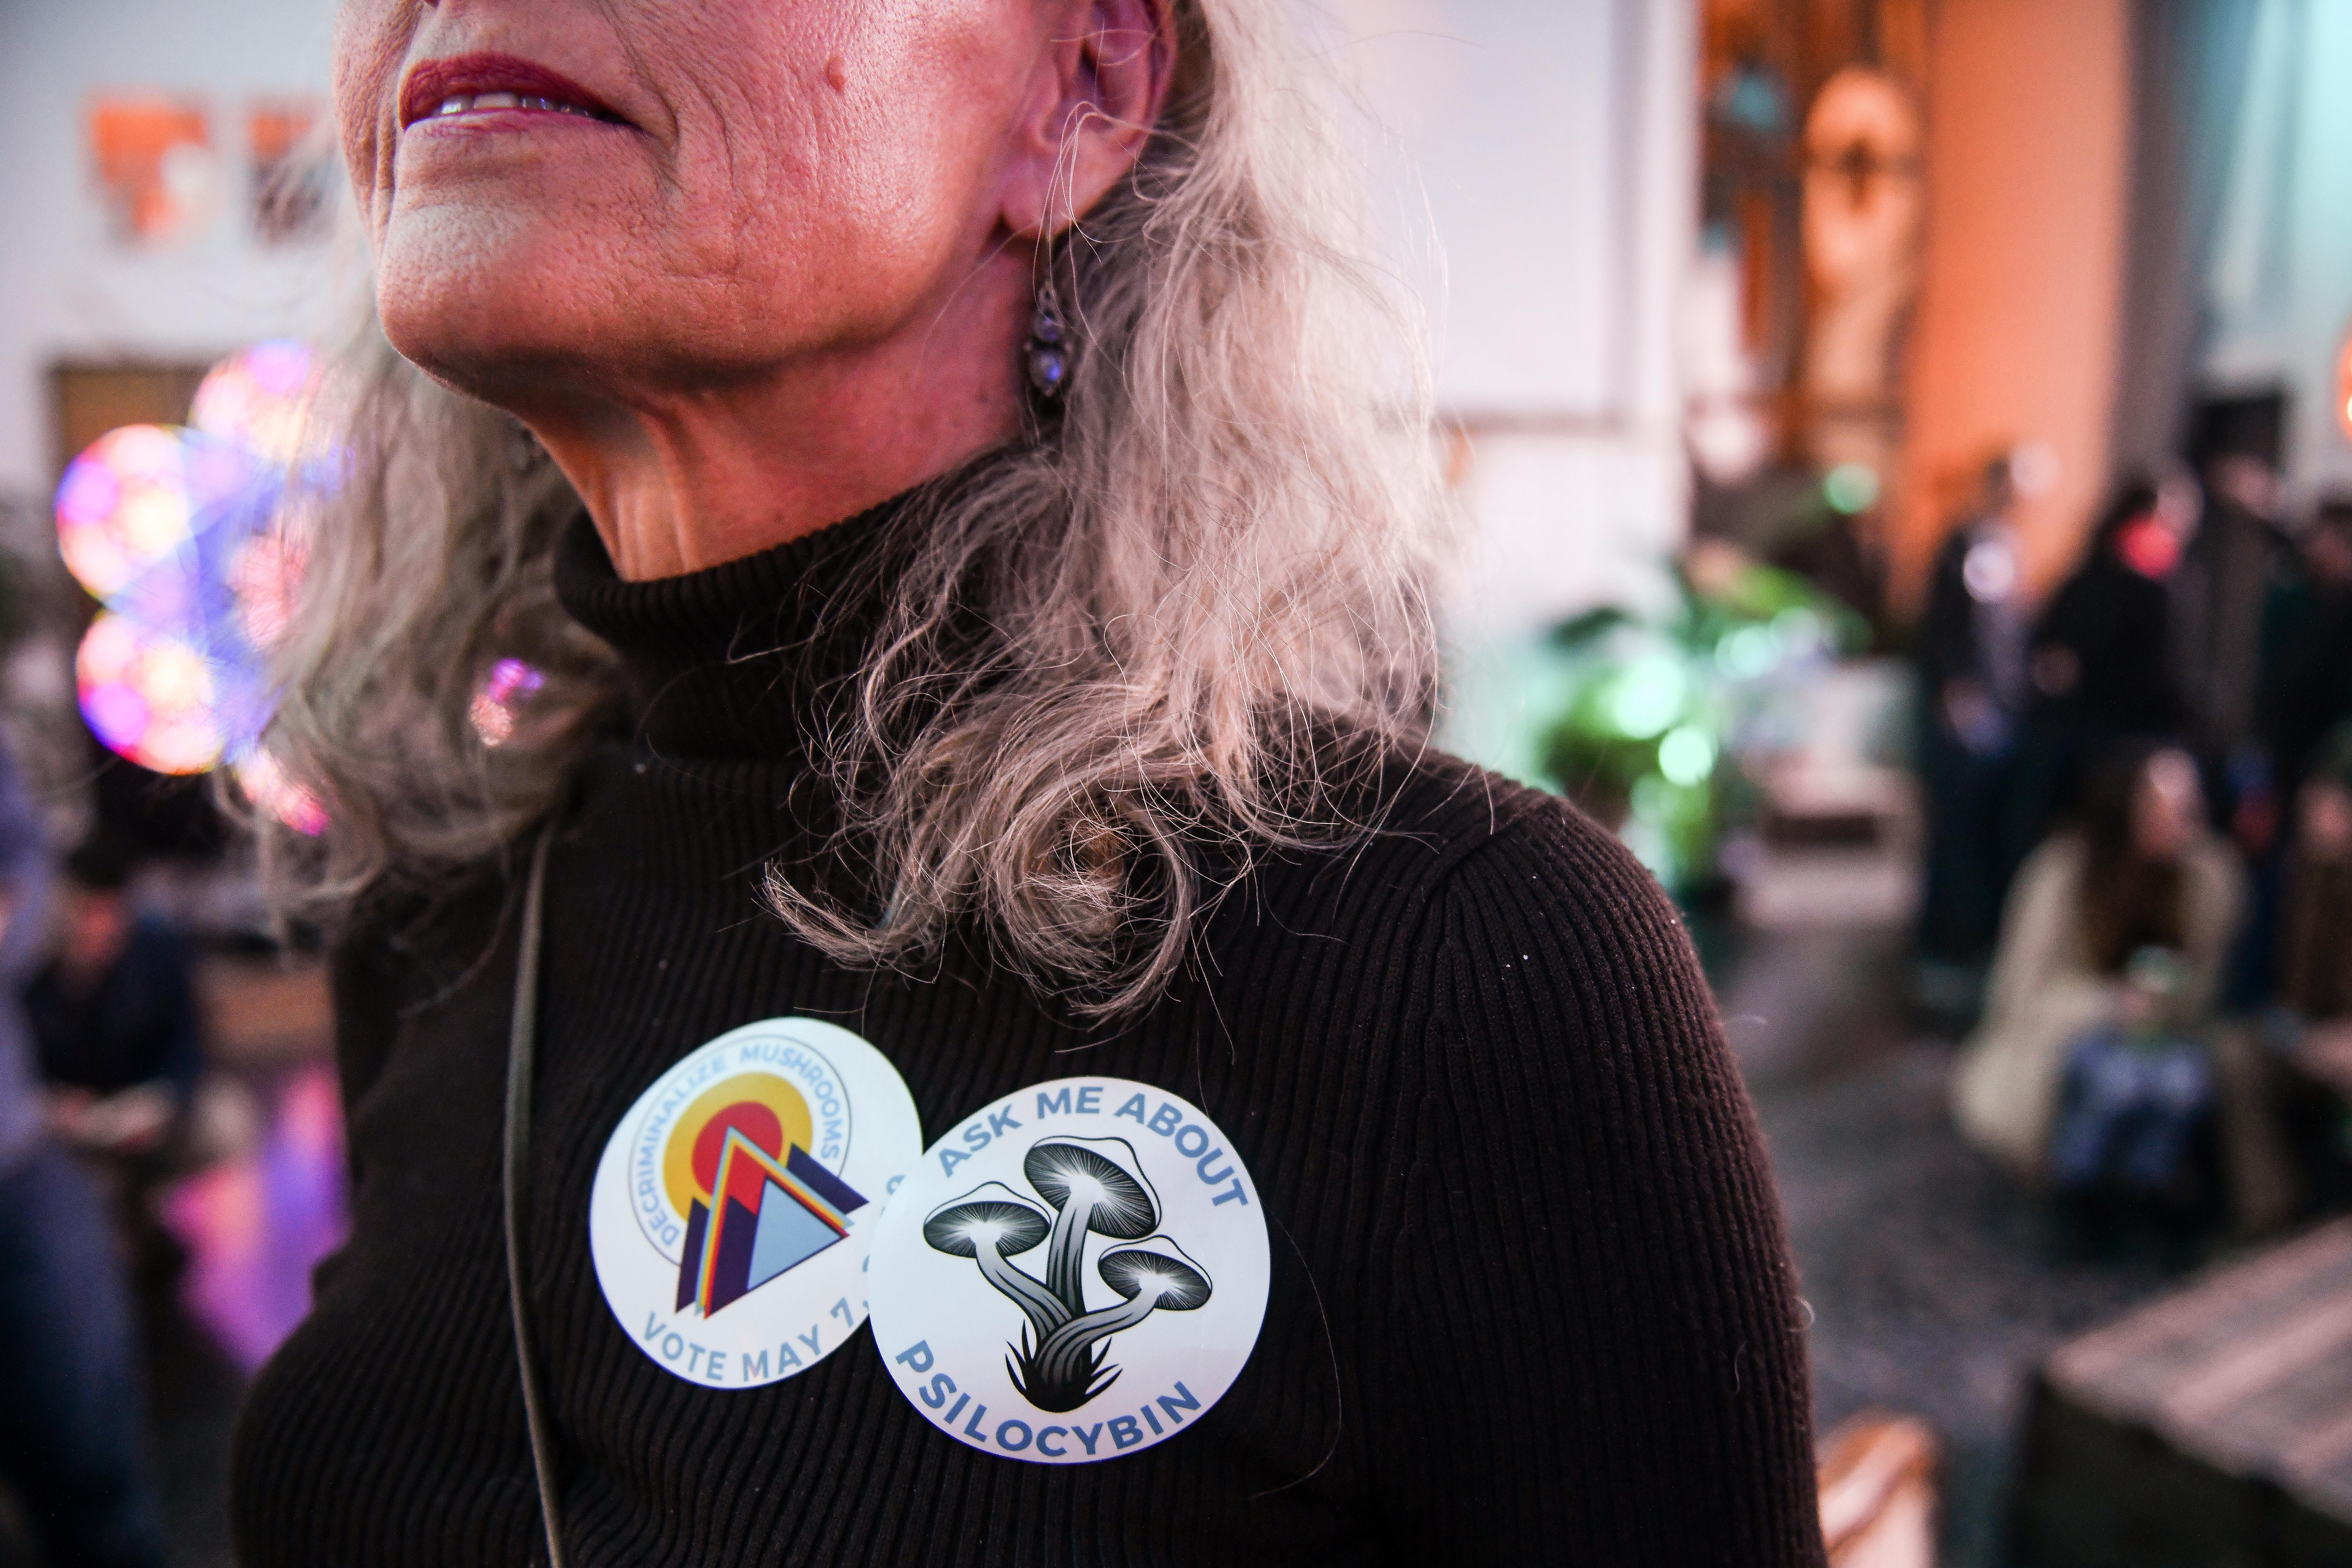 'A grand experiment': how 'shrooms made Denver America's most drug-friendly city